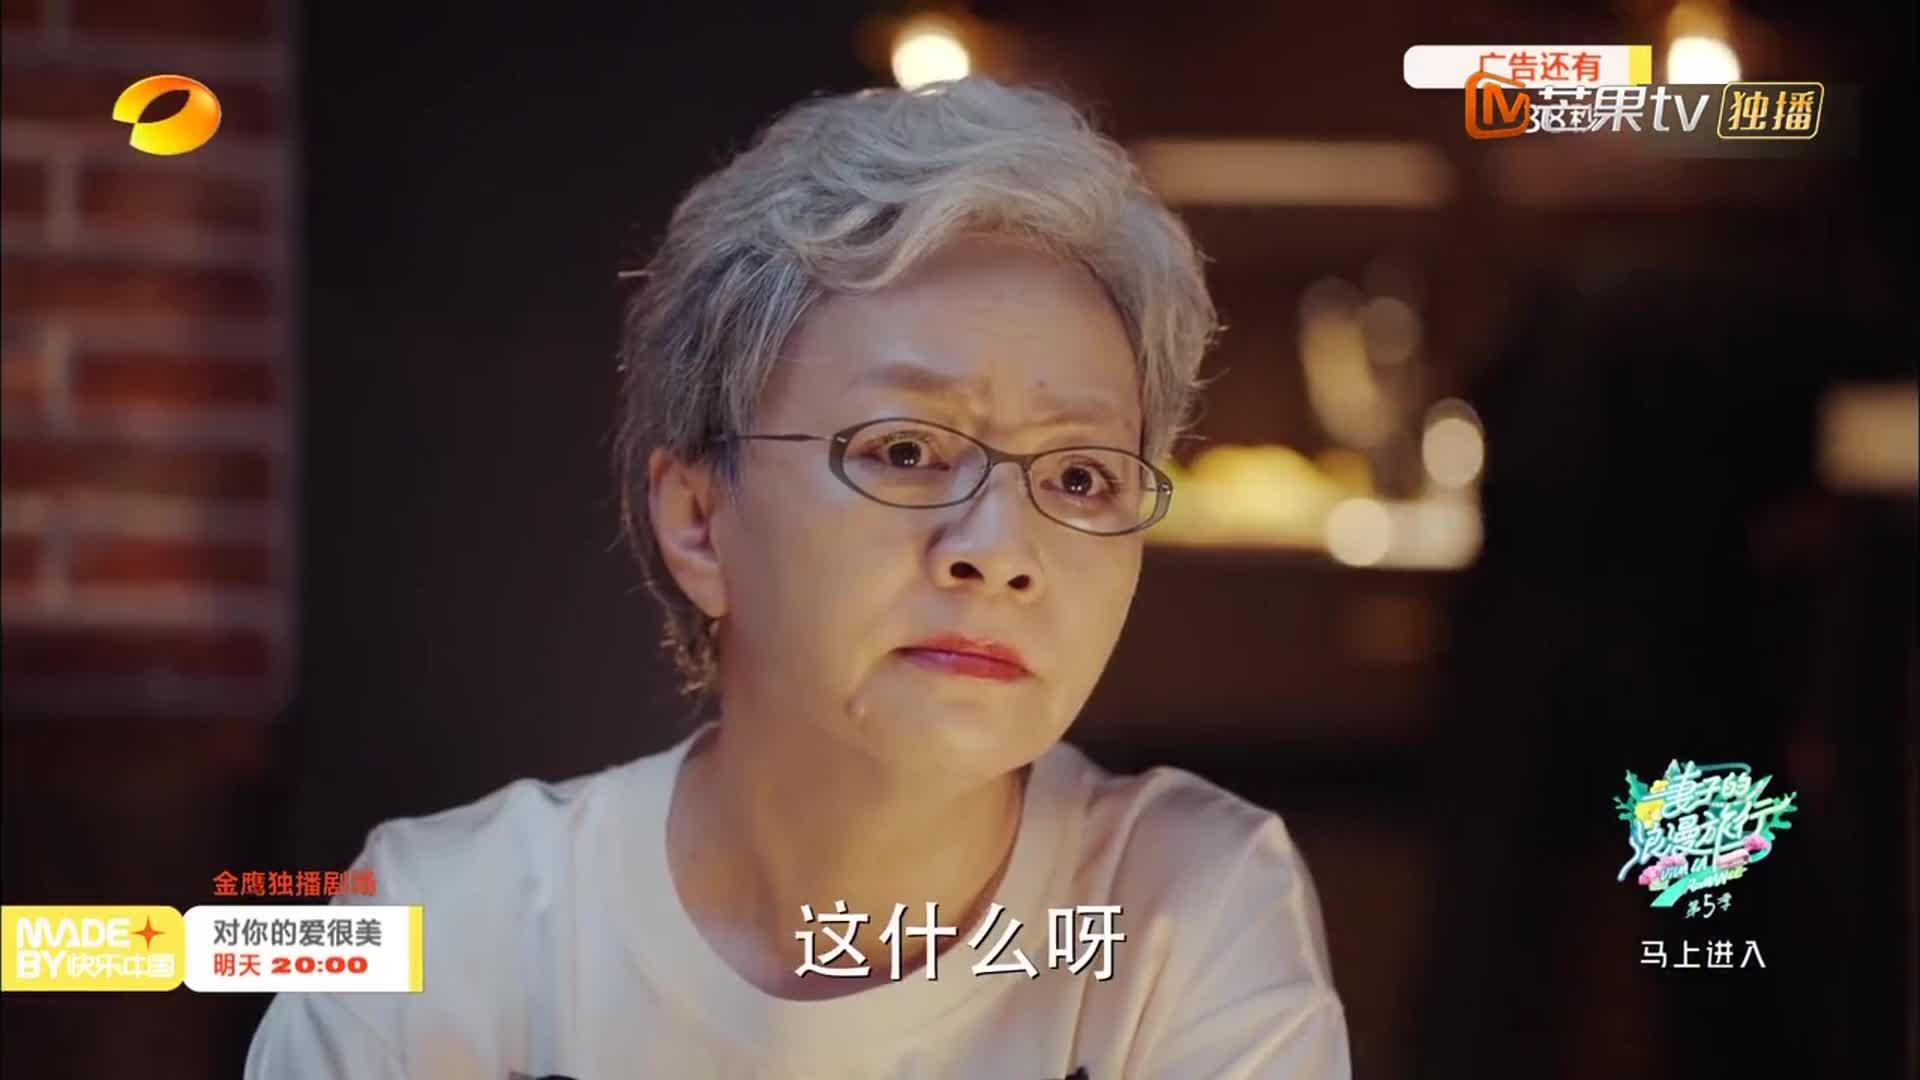 《对你的爱很美》第6集看点:蹦迪蹦极傻傻分不清?姥姥生气了!